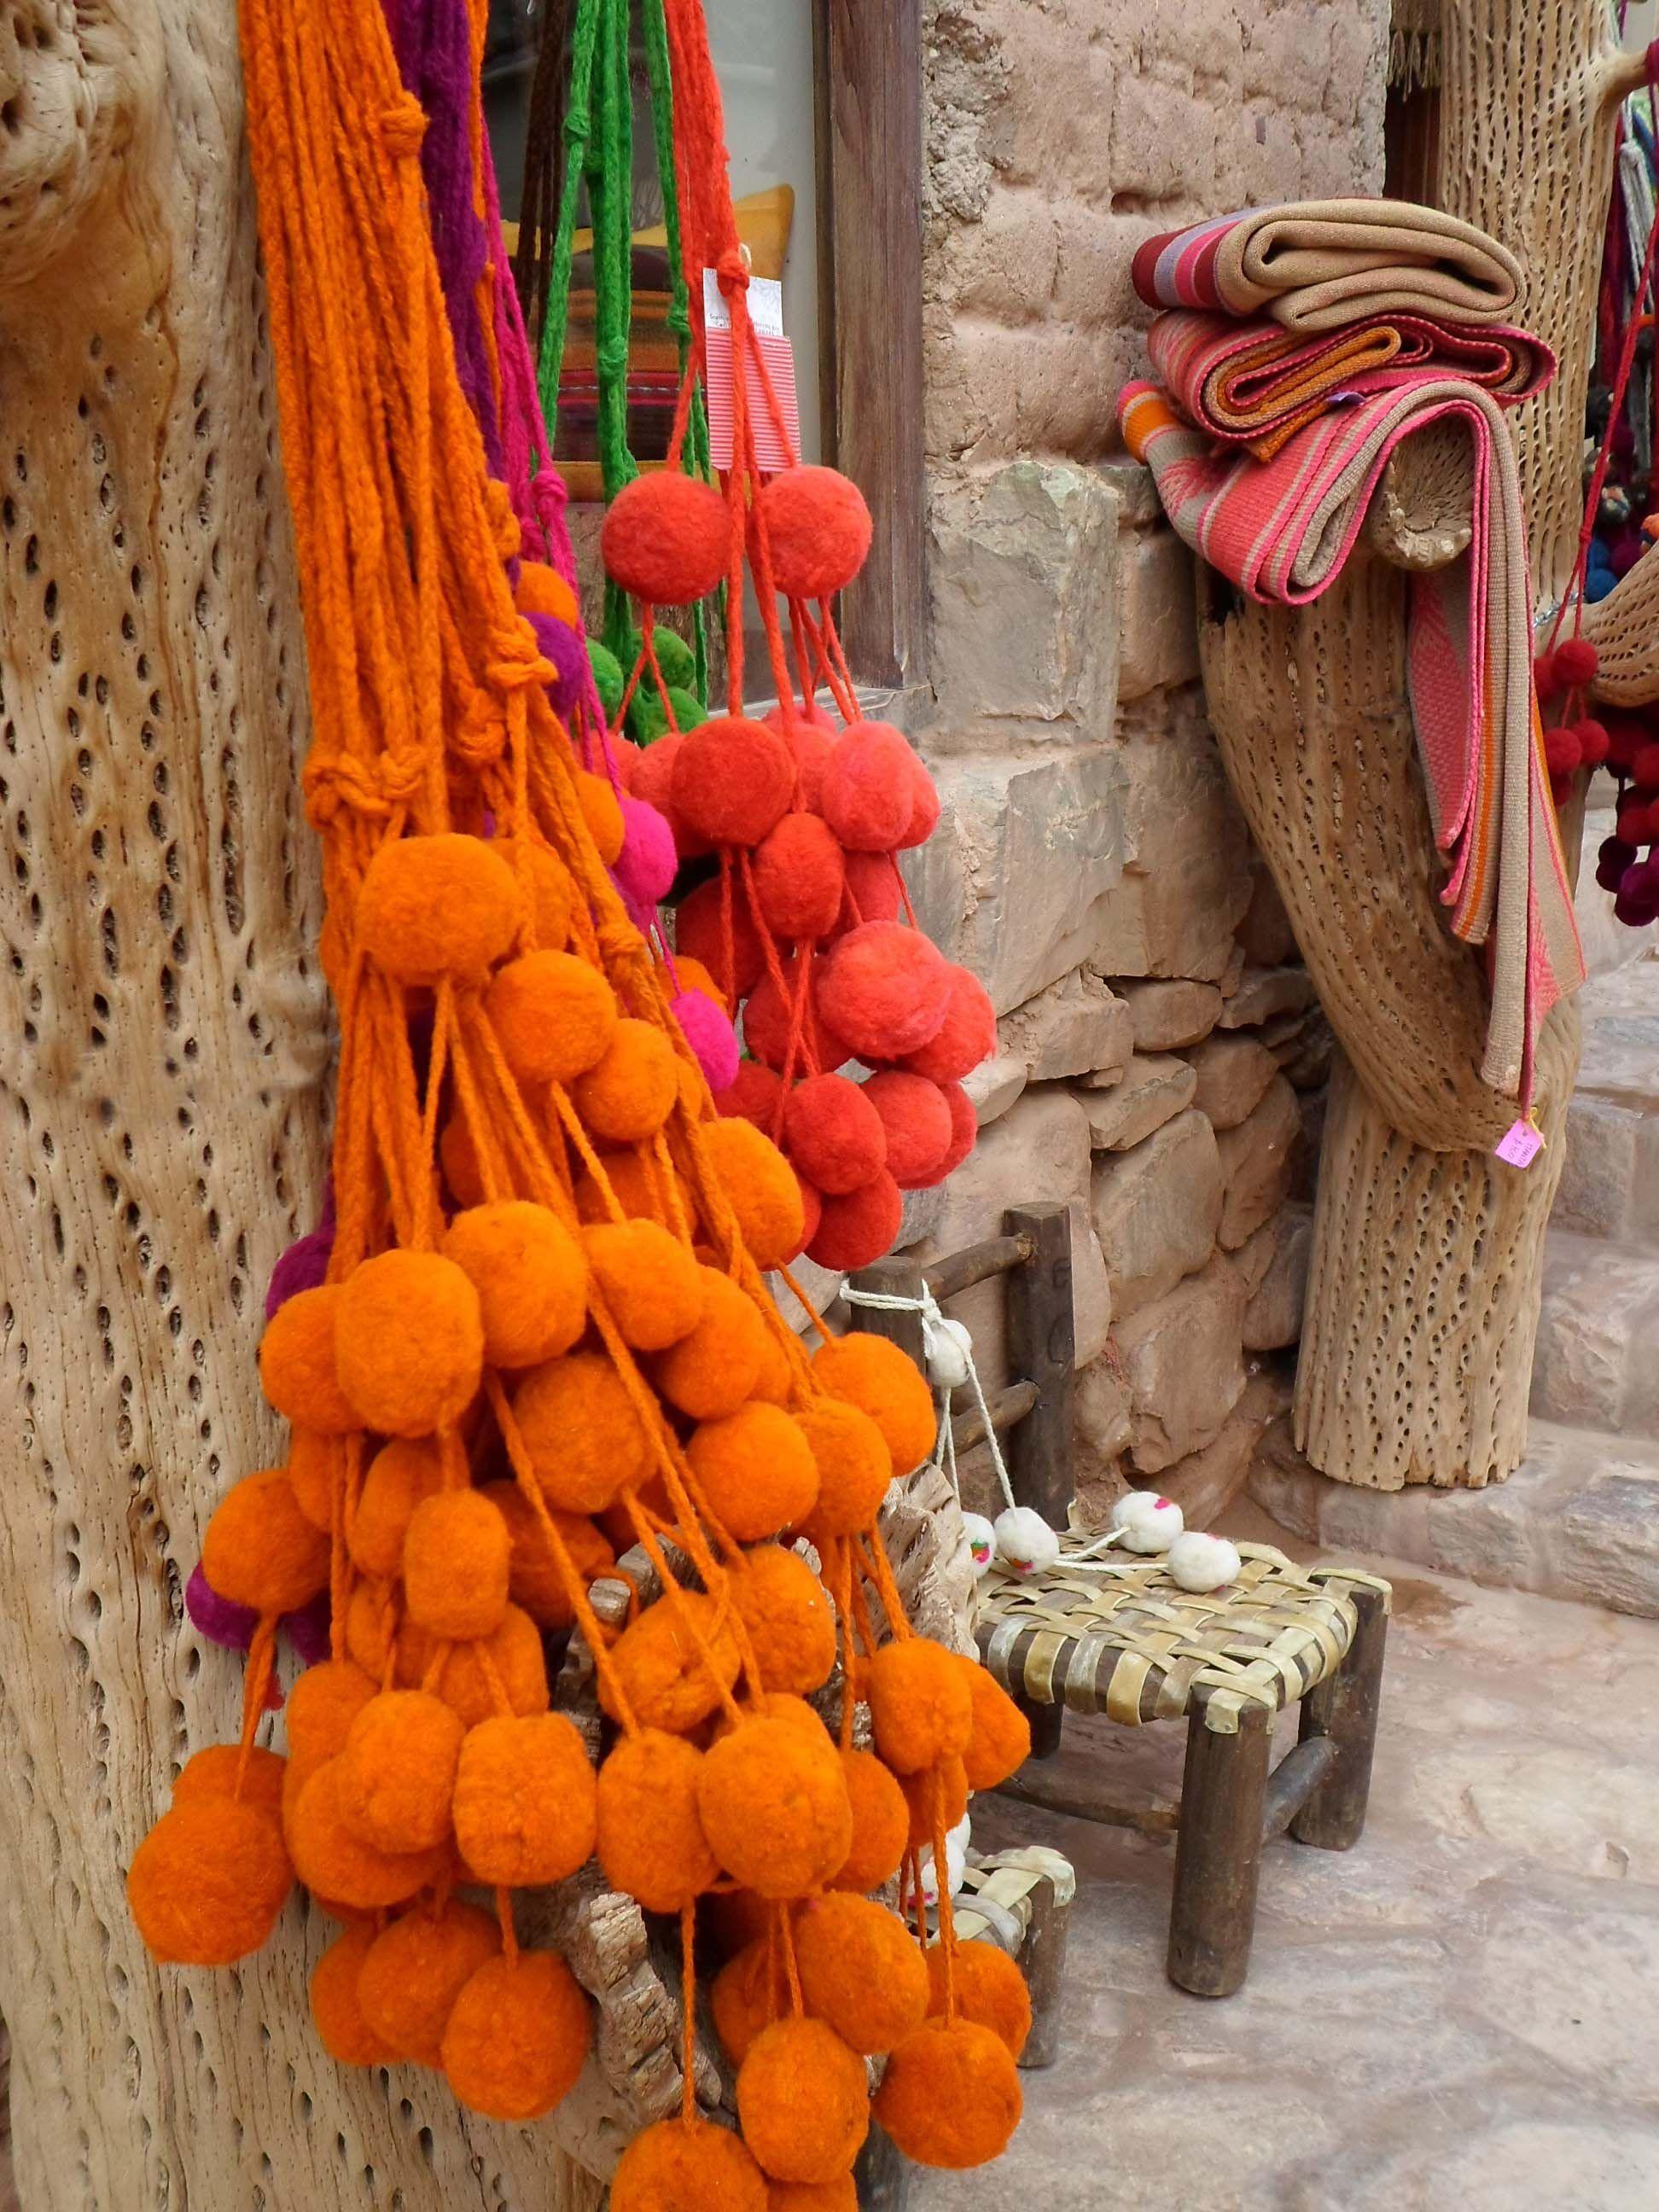 """""""Tulmas"""" de la Quebrada de Humahuaca. Las """"tulmas"""" eran usadas originariamente para decorar la trenza de las Cholas en el noroeste argentino, Bolivia y Perú. Adoro estos pompones tan colorido! Foto tomada en Purmamarca en la provincia de Jujuy!"""